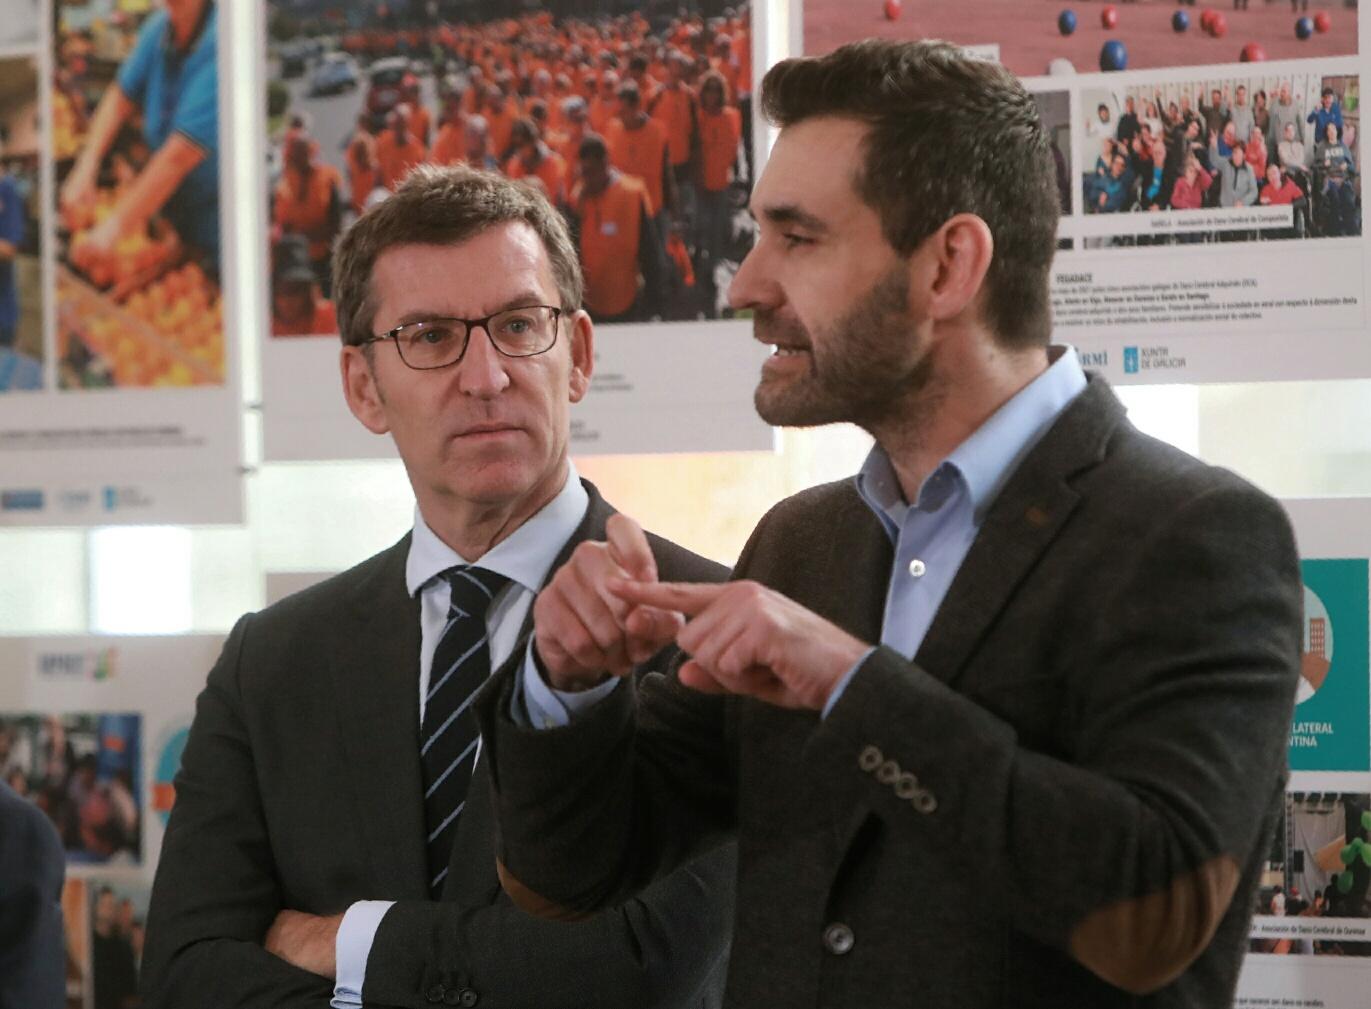 CERMI Galicia inaugura la exposición 'CapacitARTE' en favor de las personas con discapacidad